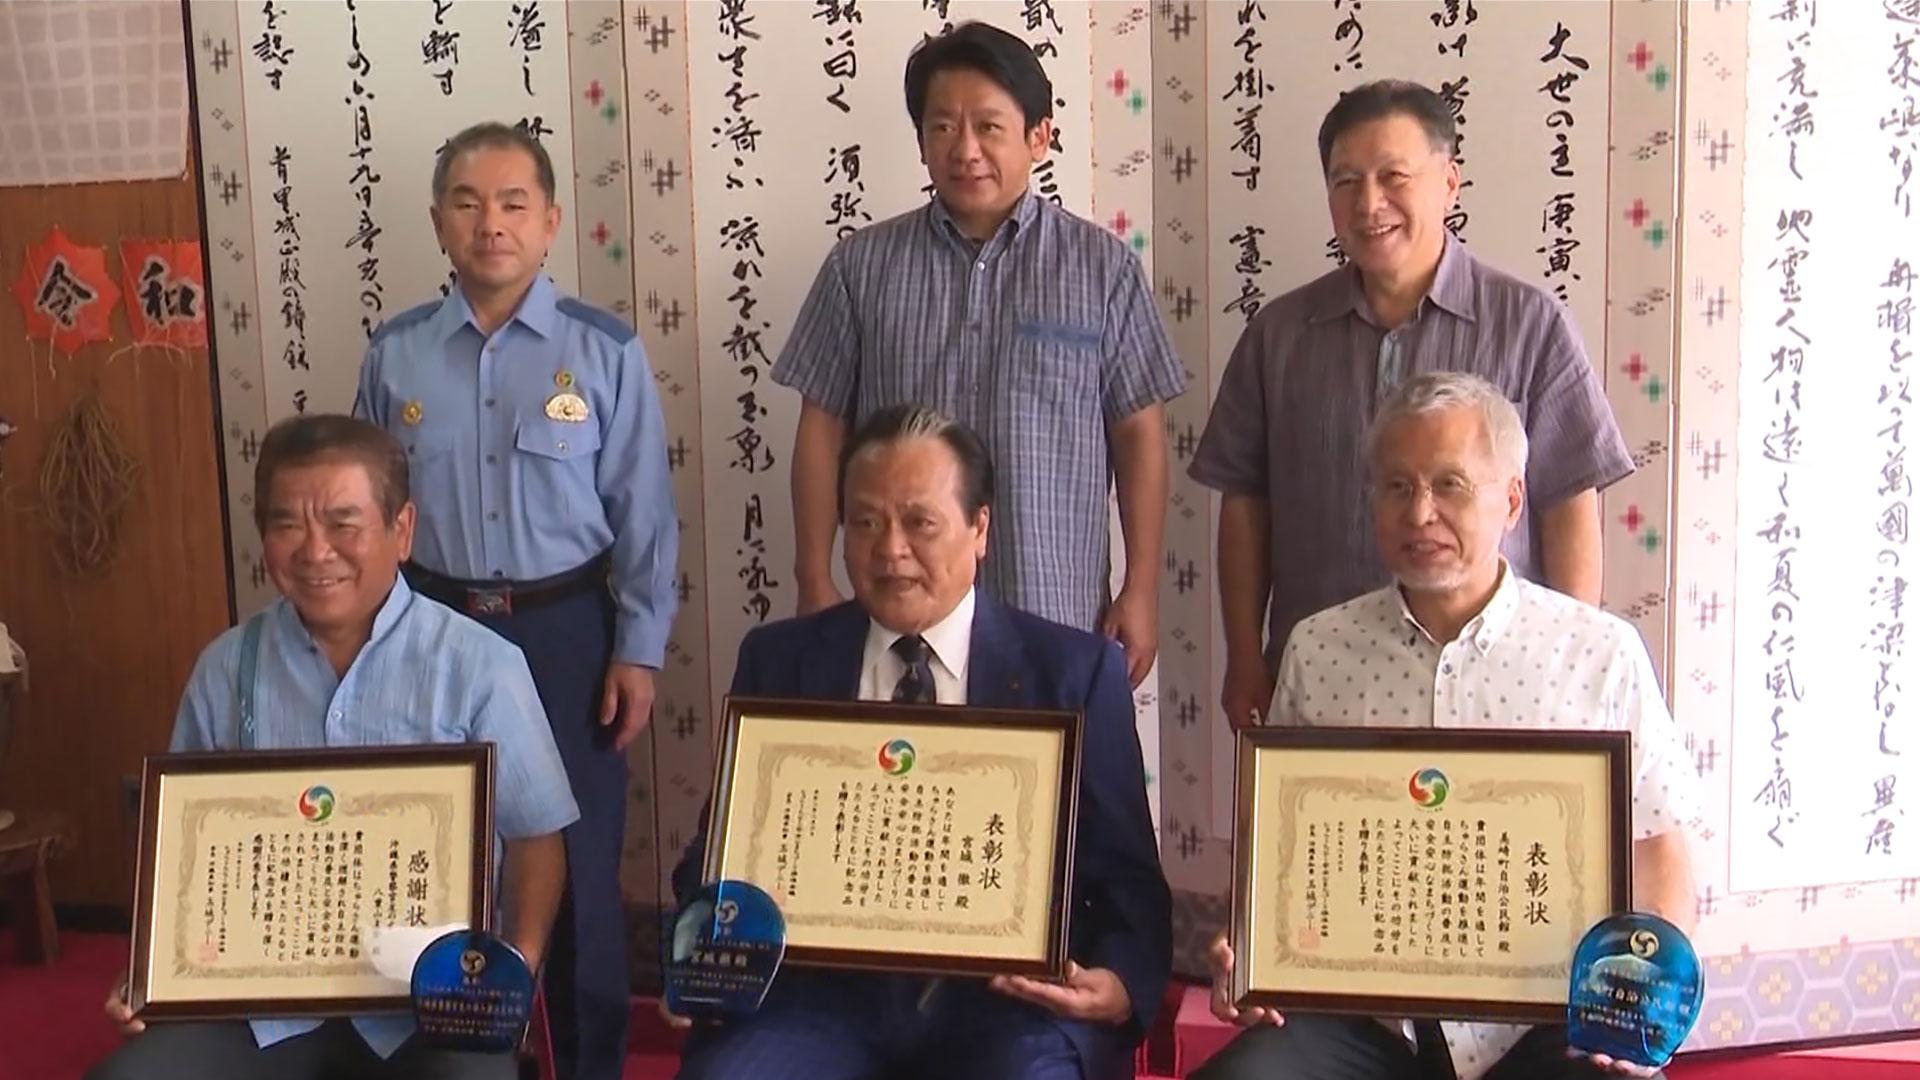 安全なまちづくり受賞者が石垣市長に報告